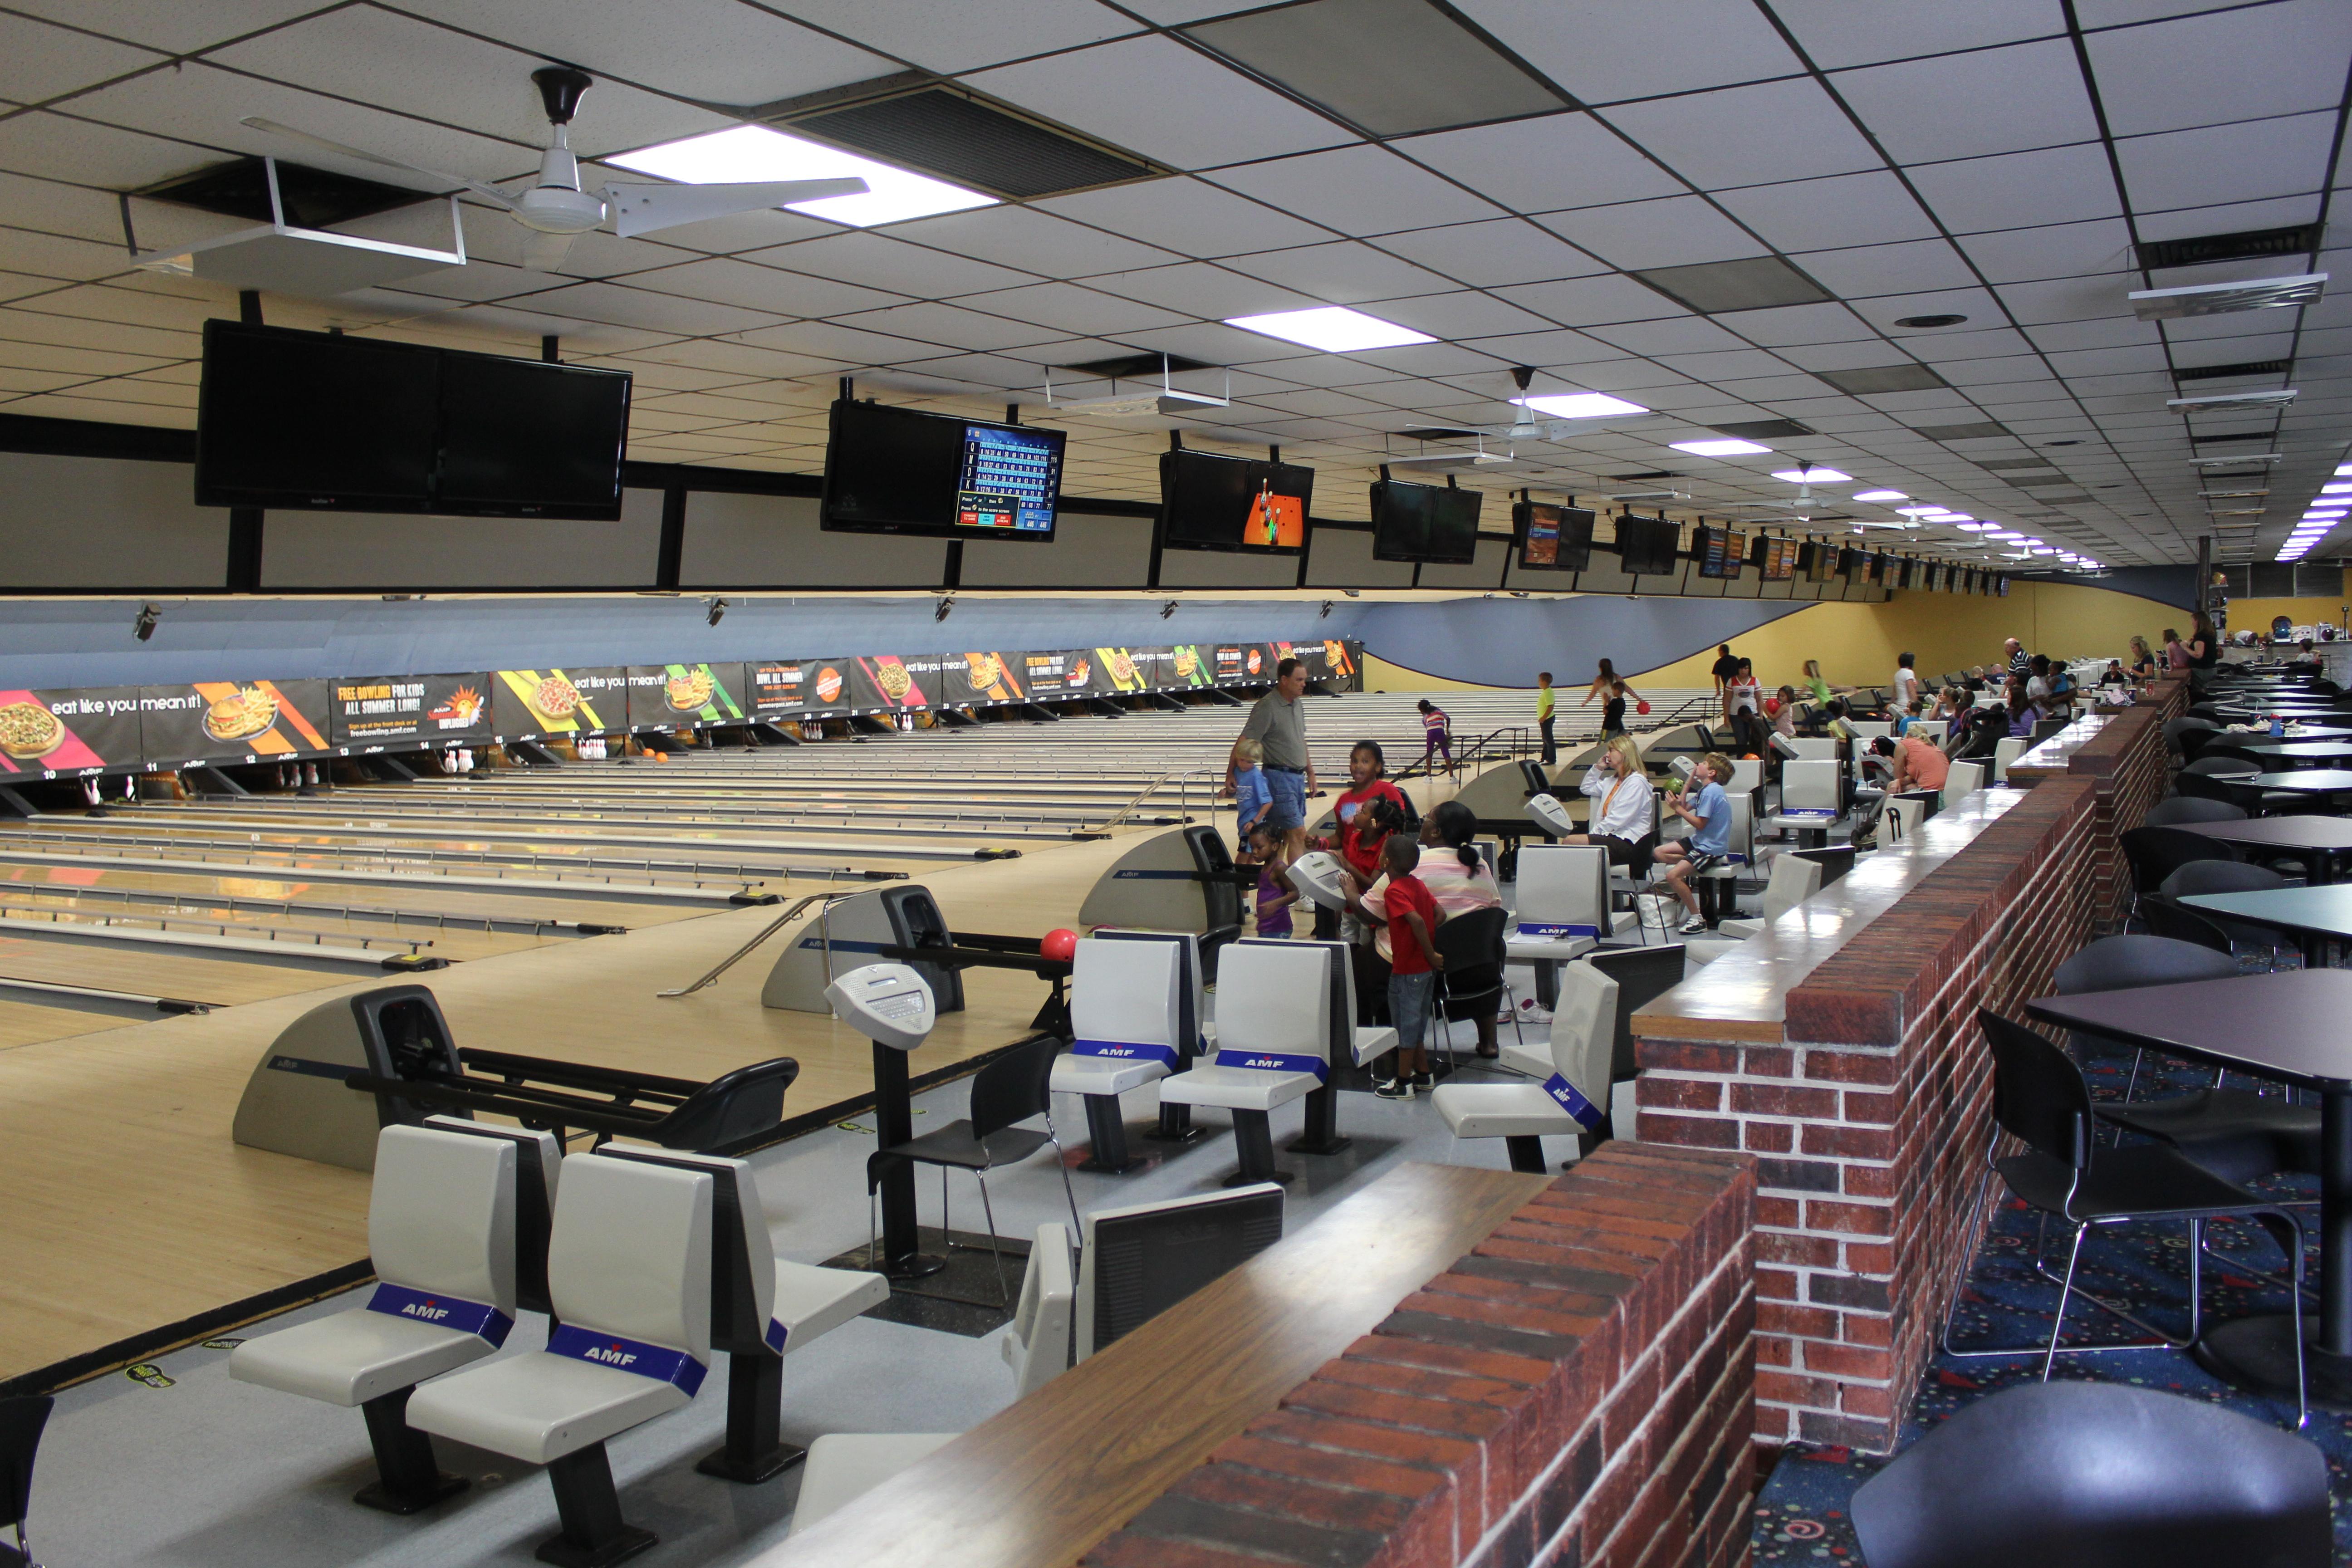 AMF bowling lanes in Lakeland, FL